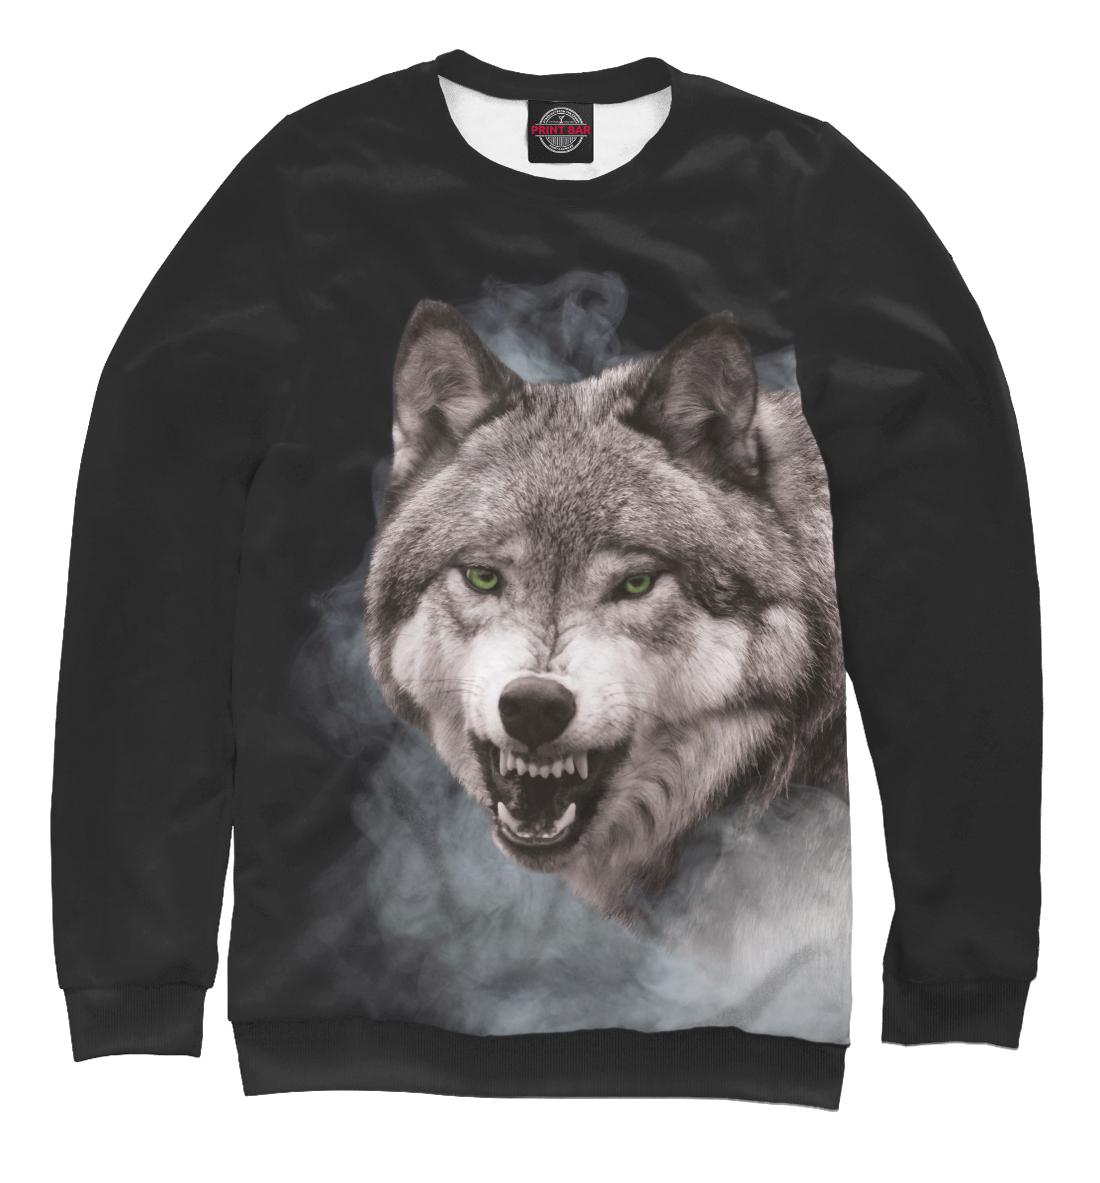 Купить Серый Волк в дымке, Printbar, Свитшоты, VLF-808679-swi-1